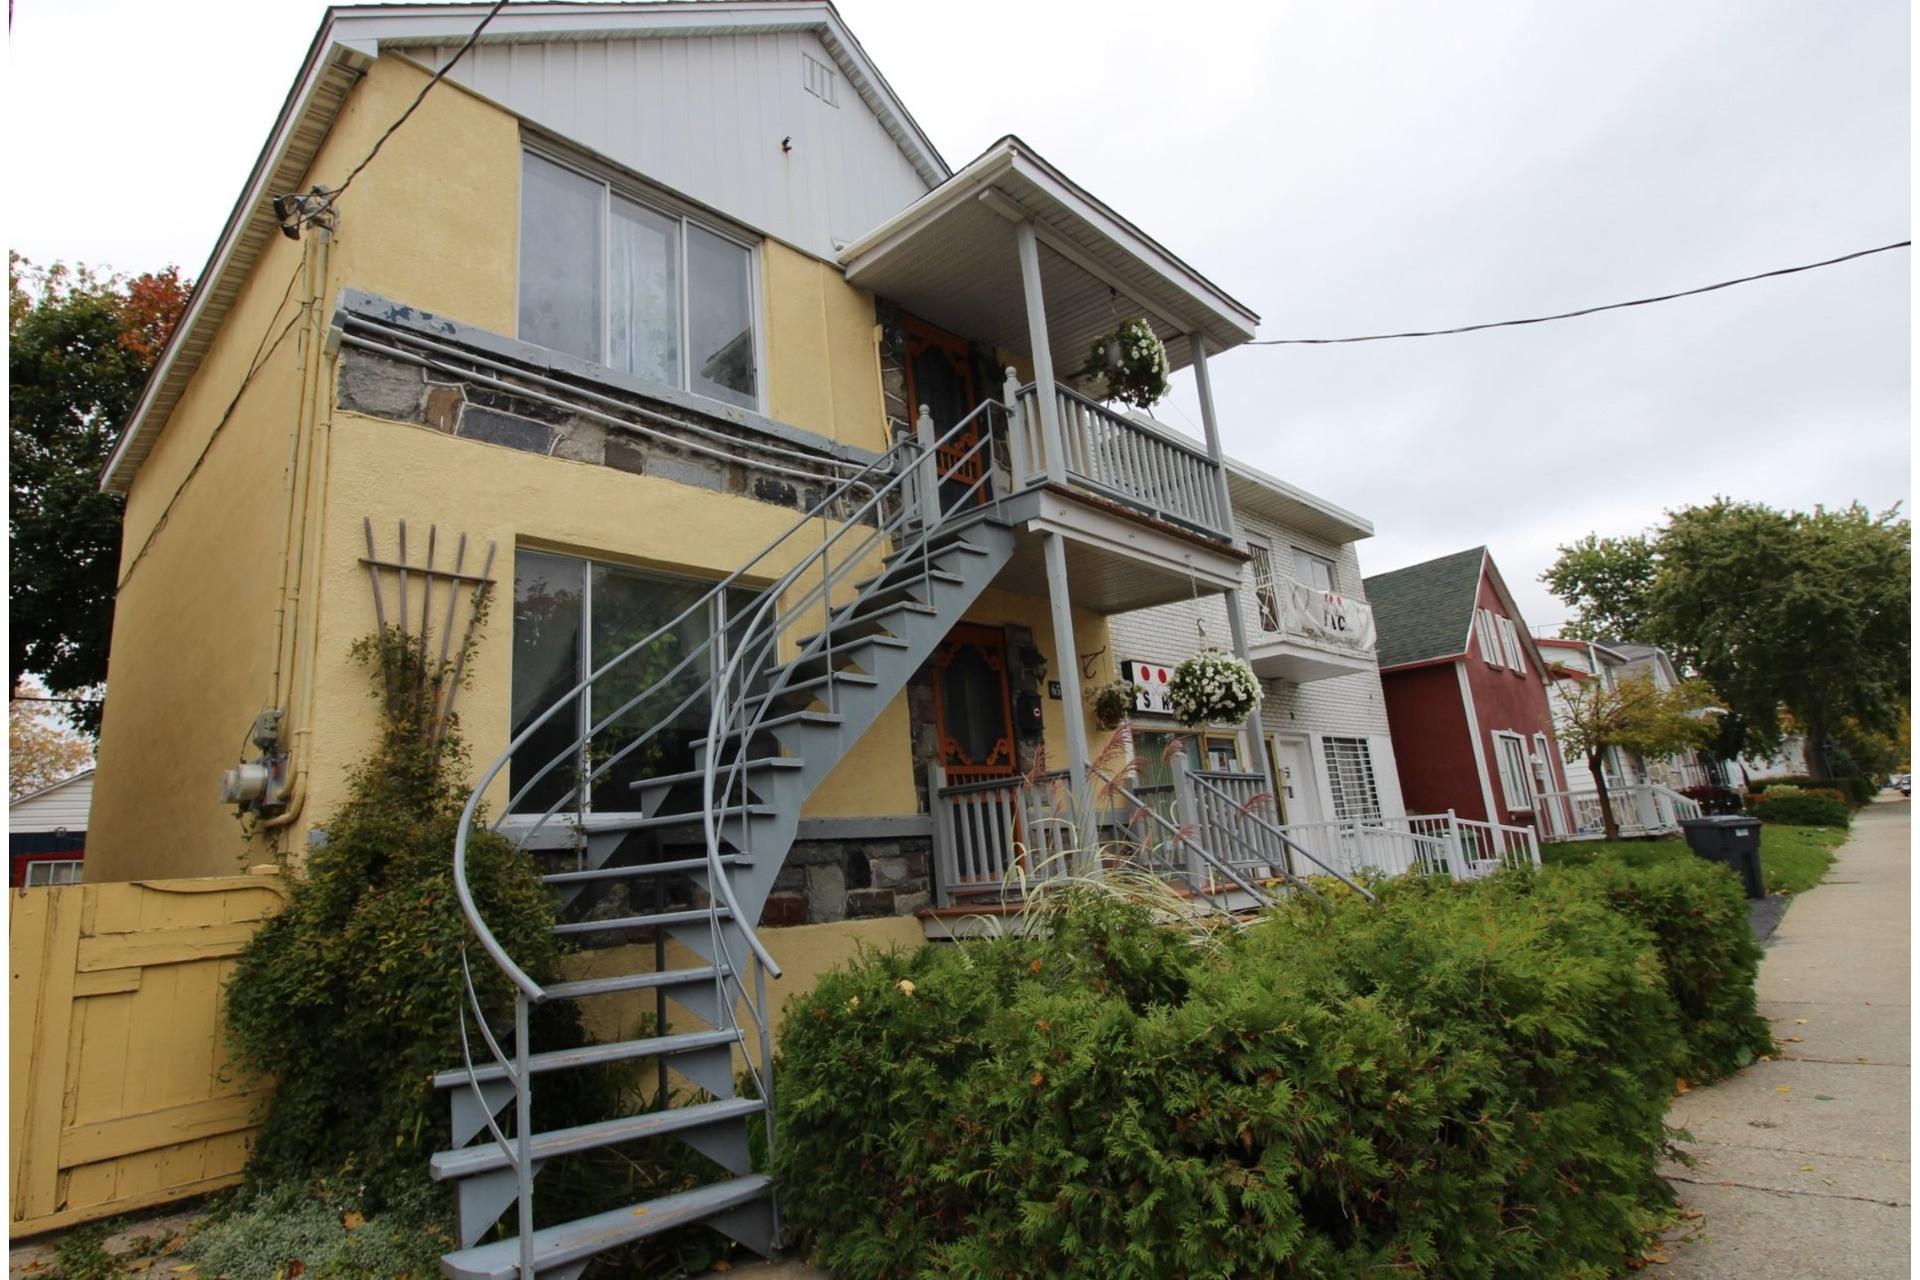 image 31 - Duplex À vendre Montréal Anjou  - 4 pièces